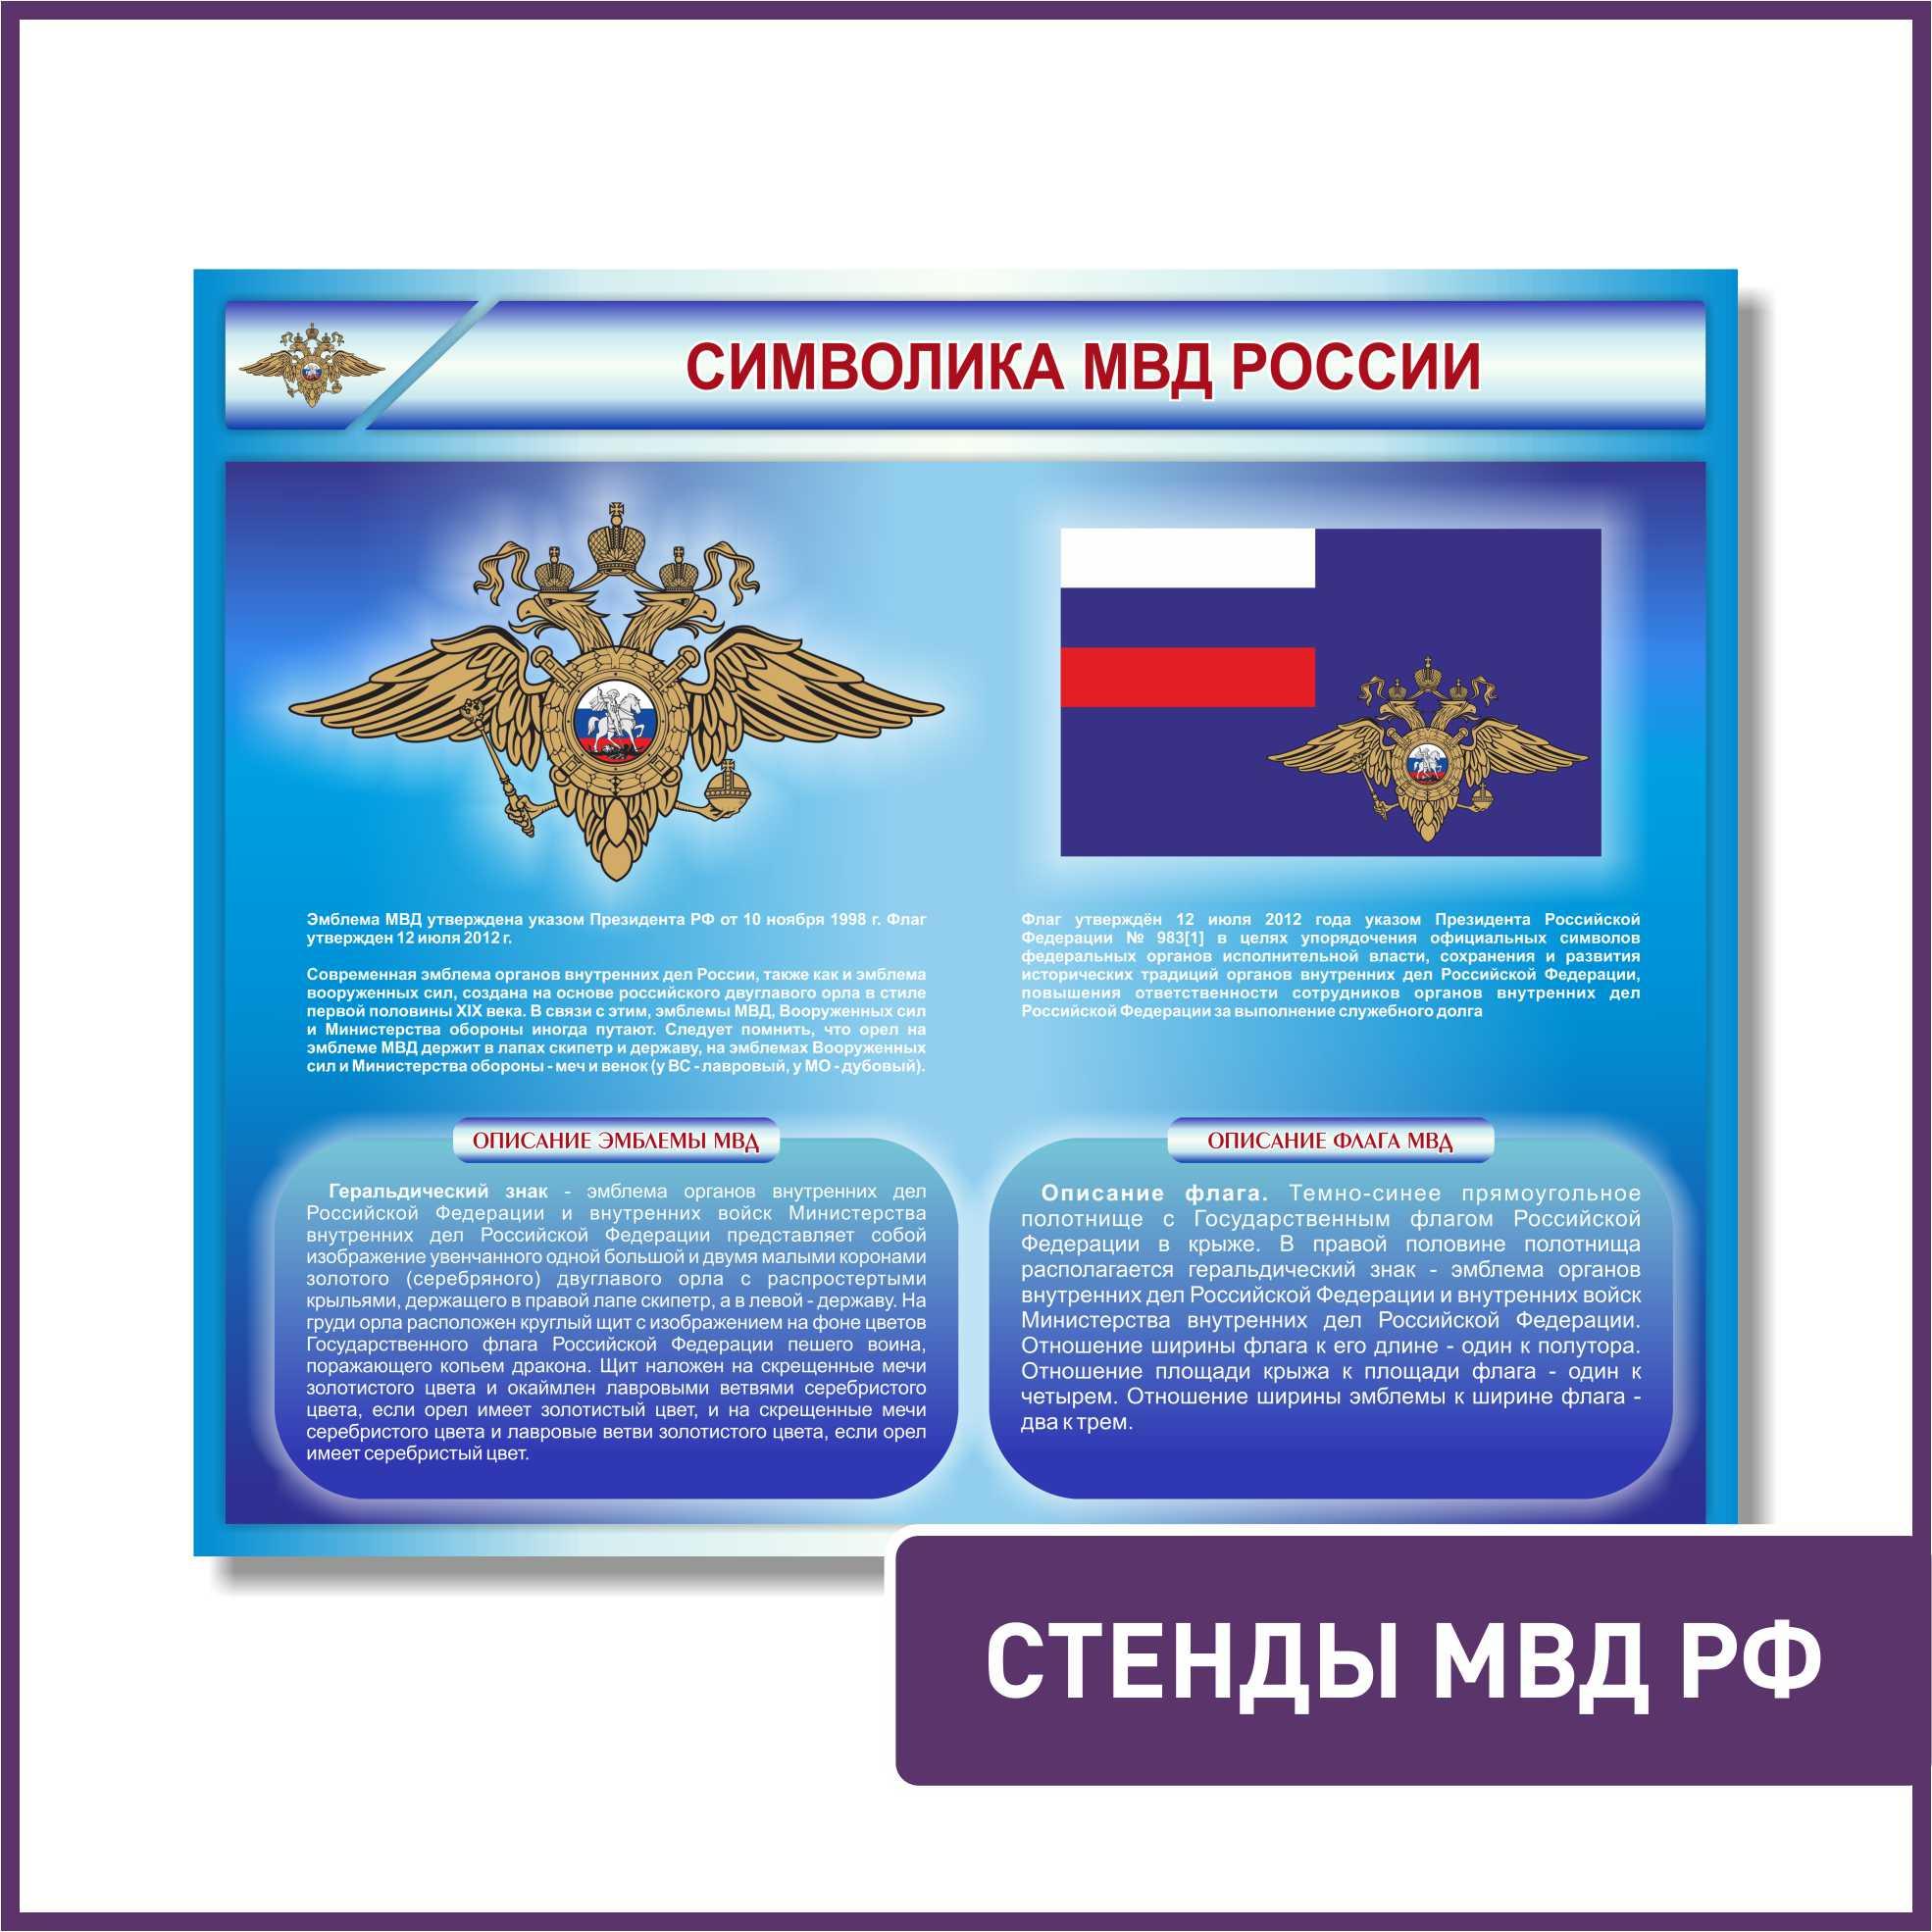 Стенды МВД РФ